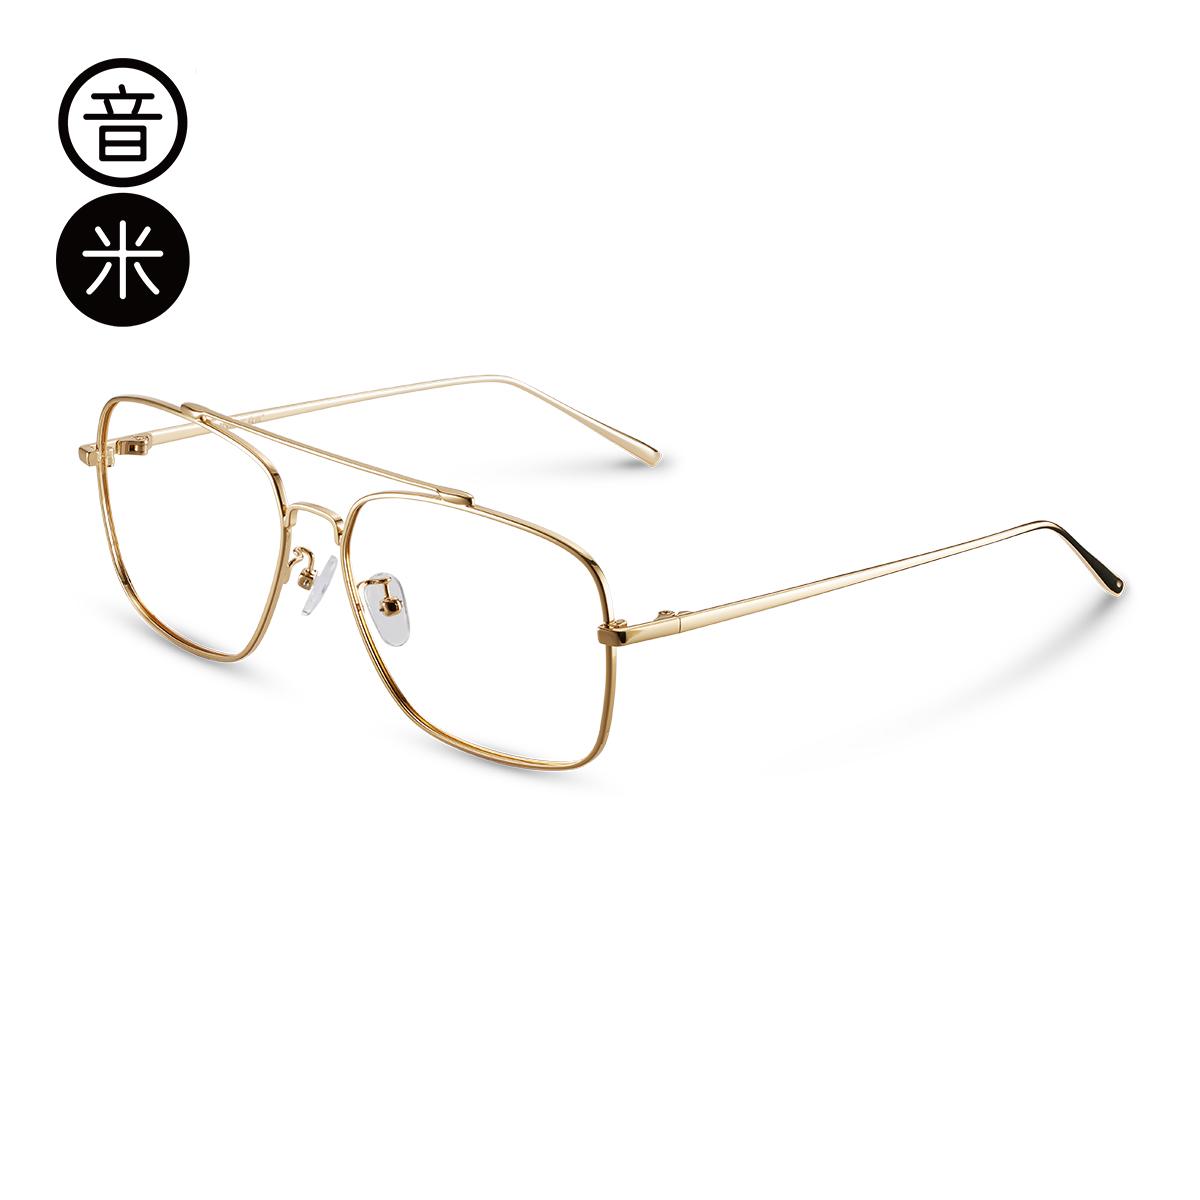 INMIX音米全框金属眼镜框时尚潮流男眼睛框可配近视架明星款